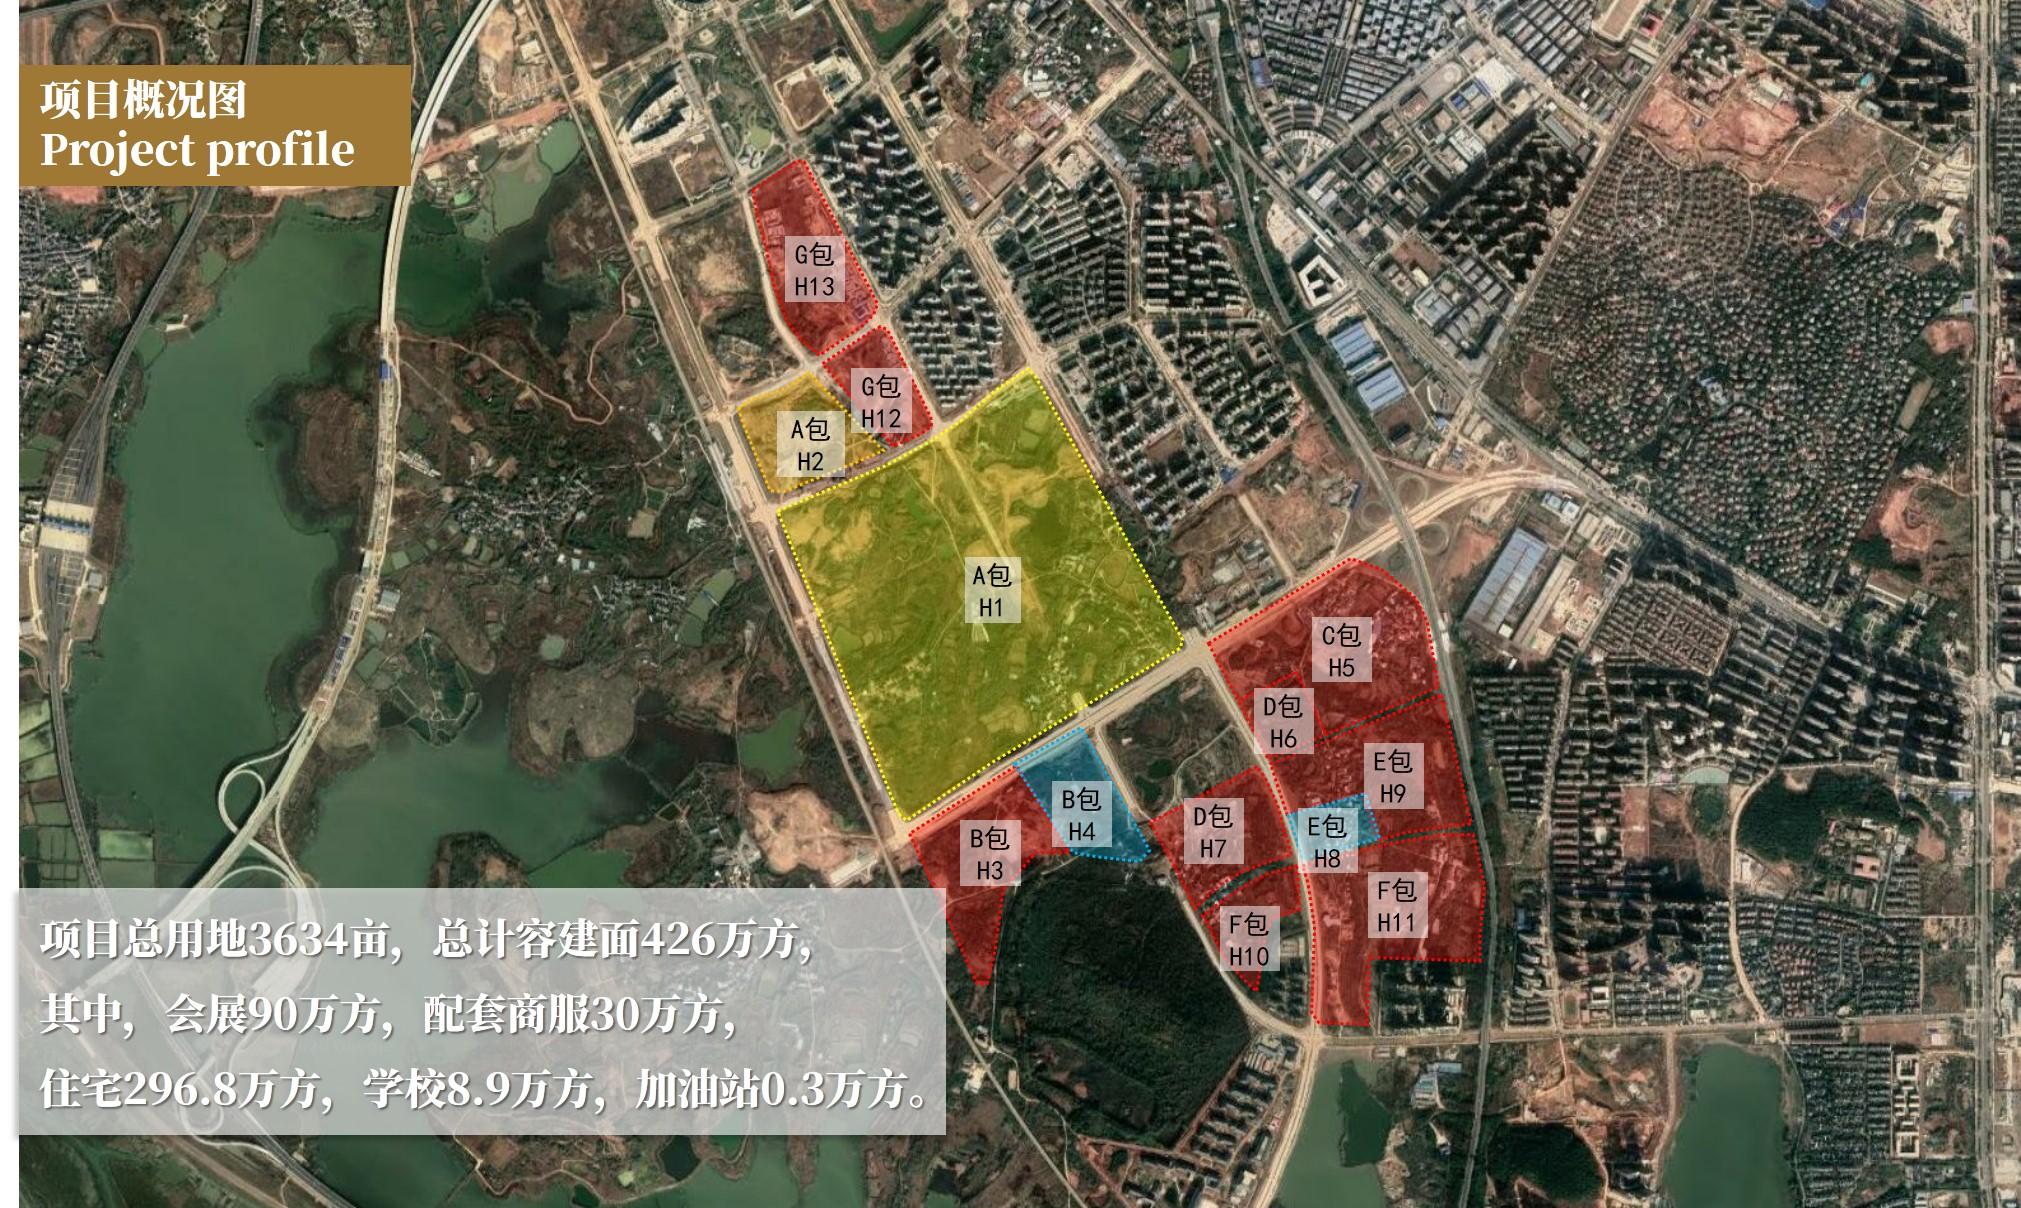 武汉单次供地规模最大的项目